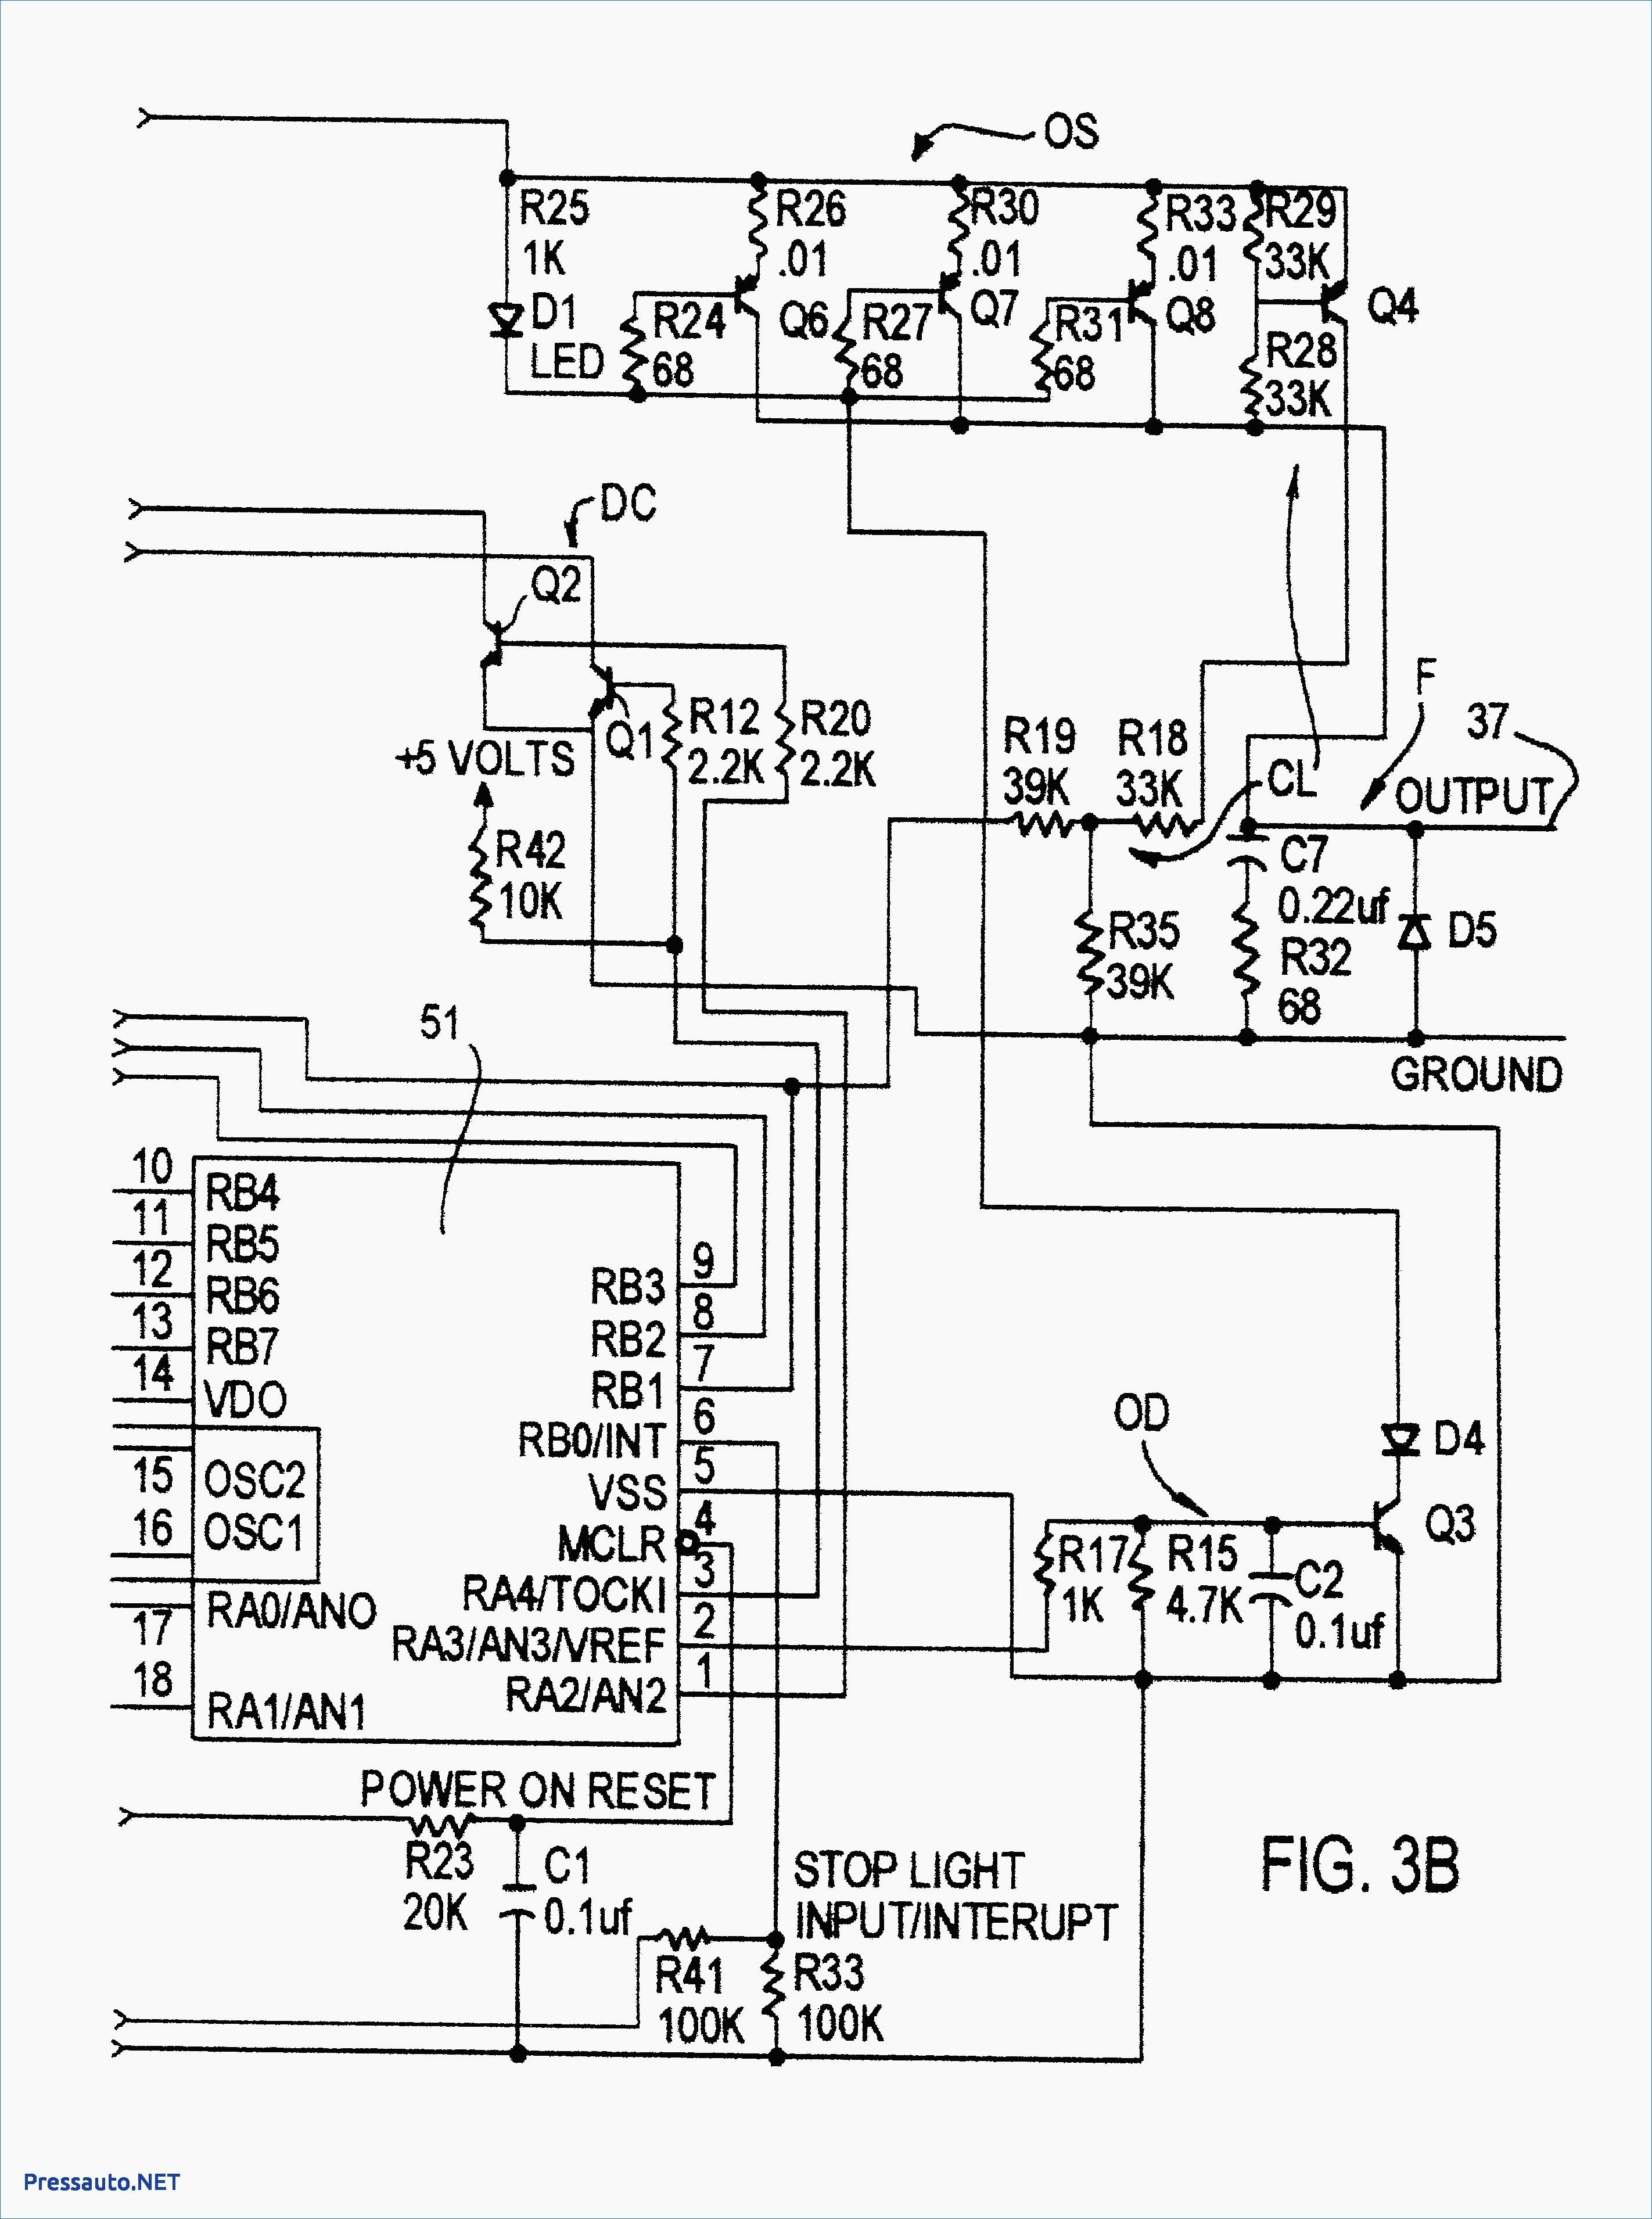 Tekonsha Voyager Brake Controller Wiring Diagram Wiring Diagram for Tekonsha Voyager Brake Controller – Wiring Of Tekonsha Voyager Brake Controller Wiring Diagram